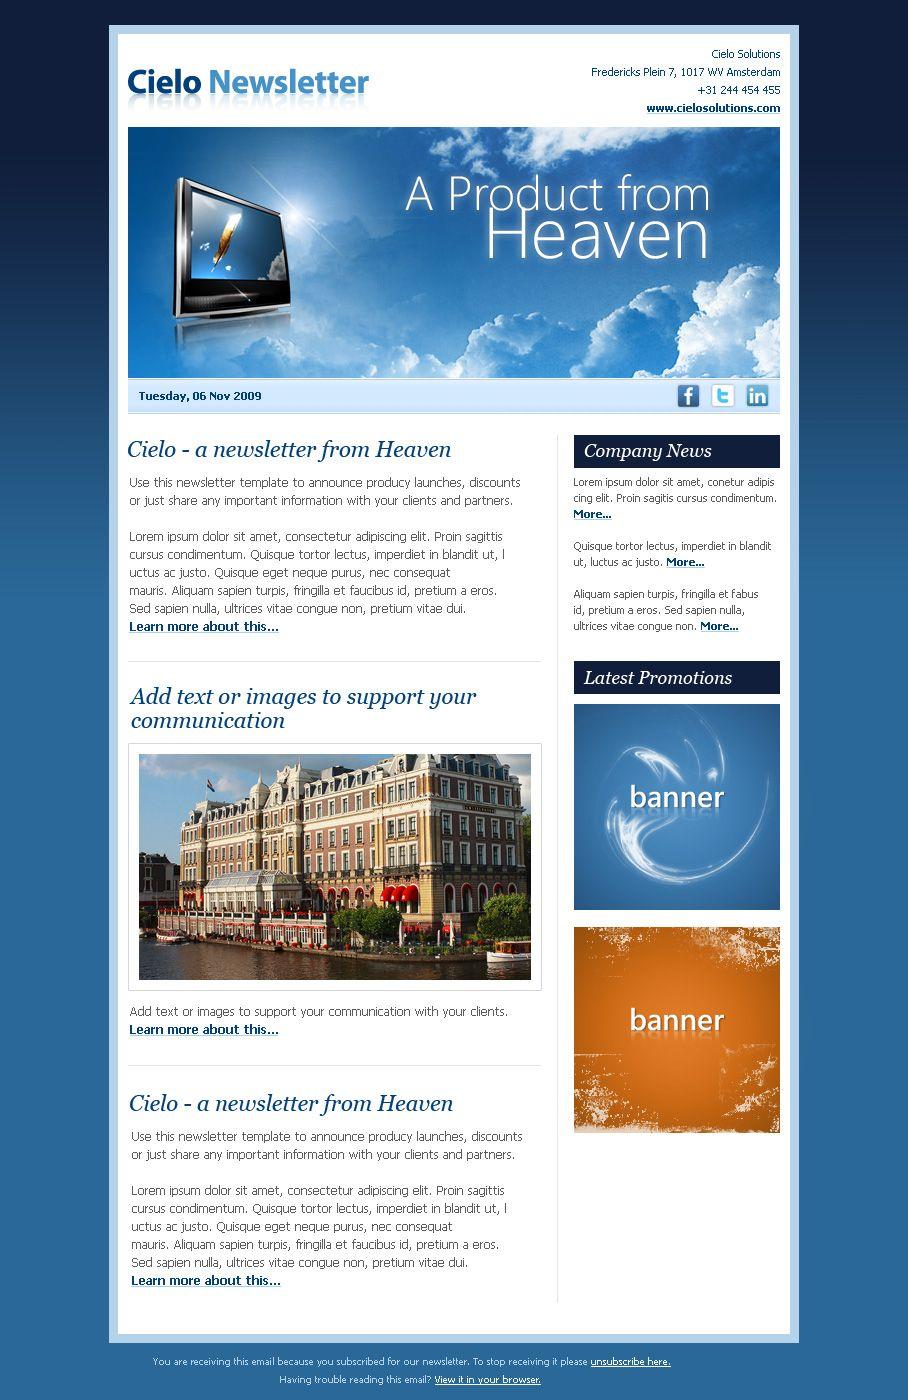 newsletter newsletter design newsletter templates drupal. Black Bedroom Furniture Sets. Home Design Ideas